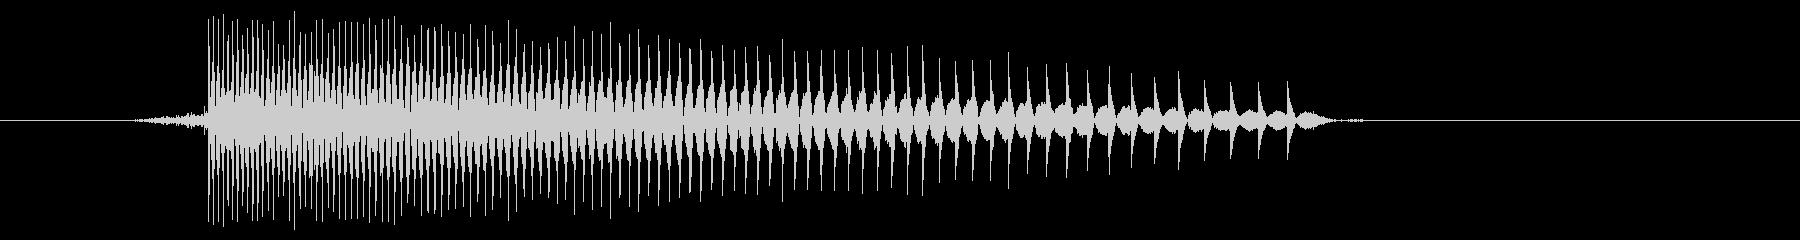 ゲーム(ファミコン風)レーザー音_024の未再生の波形